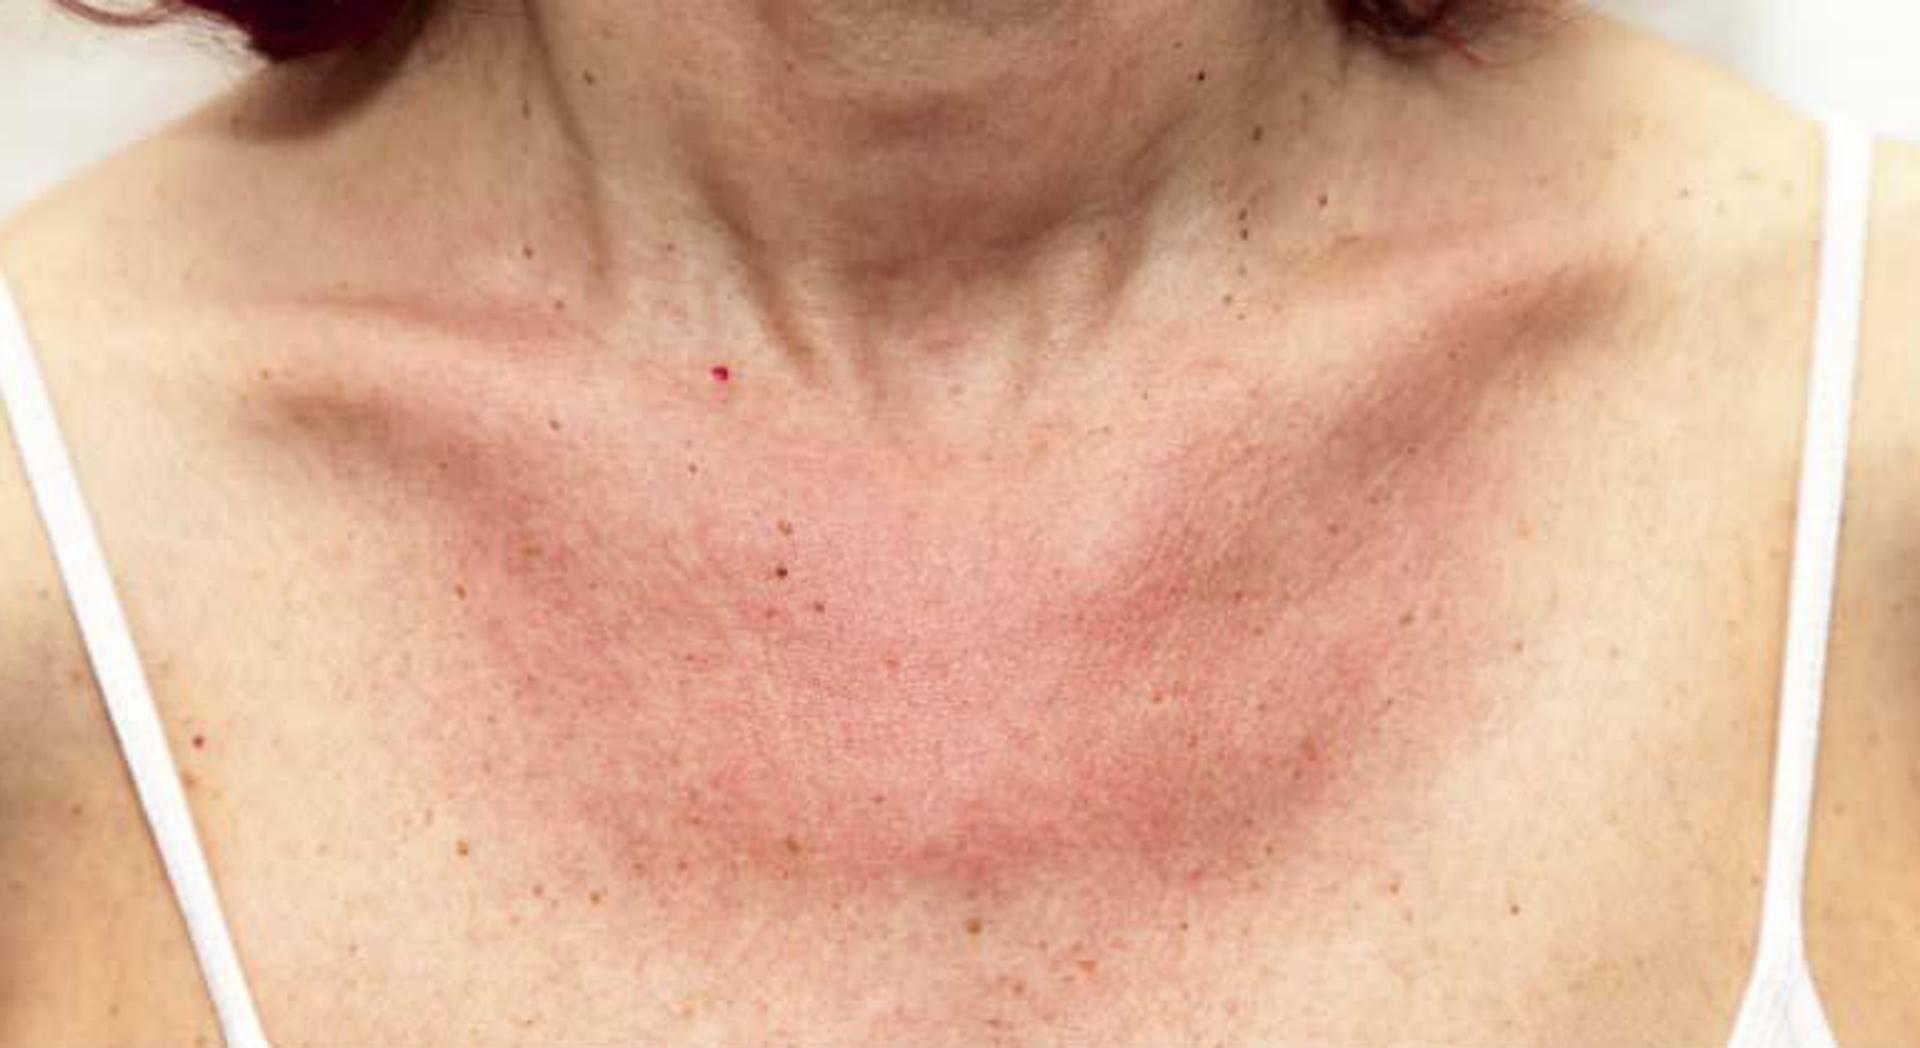 Alergia por tomar sol y reacción en la piel